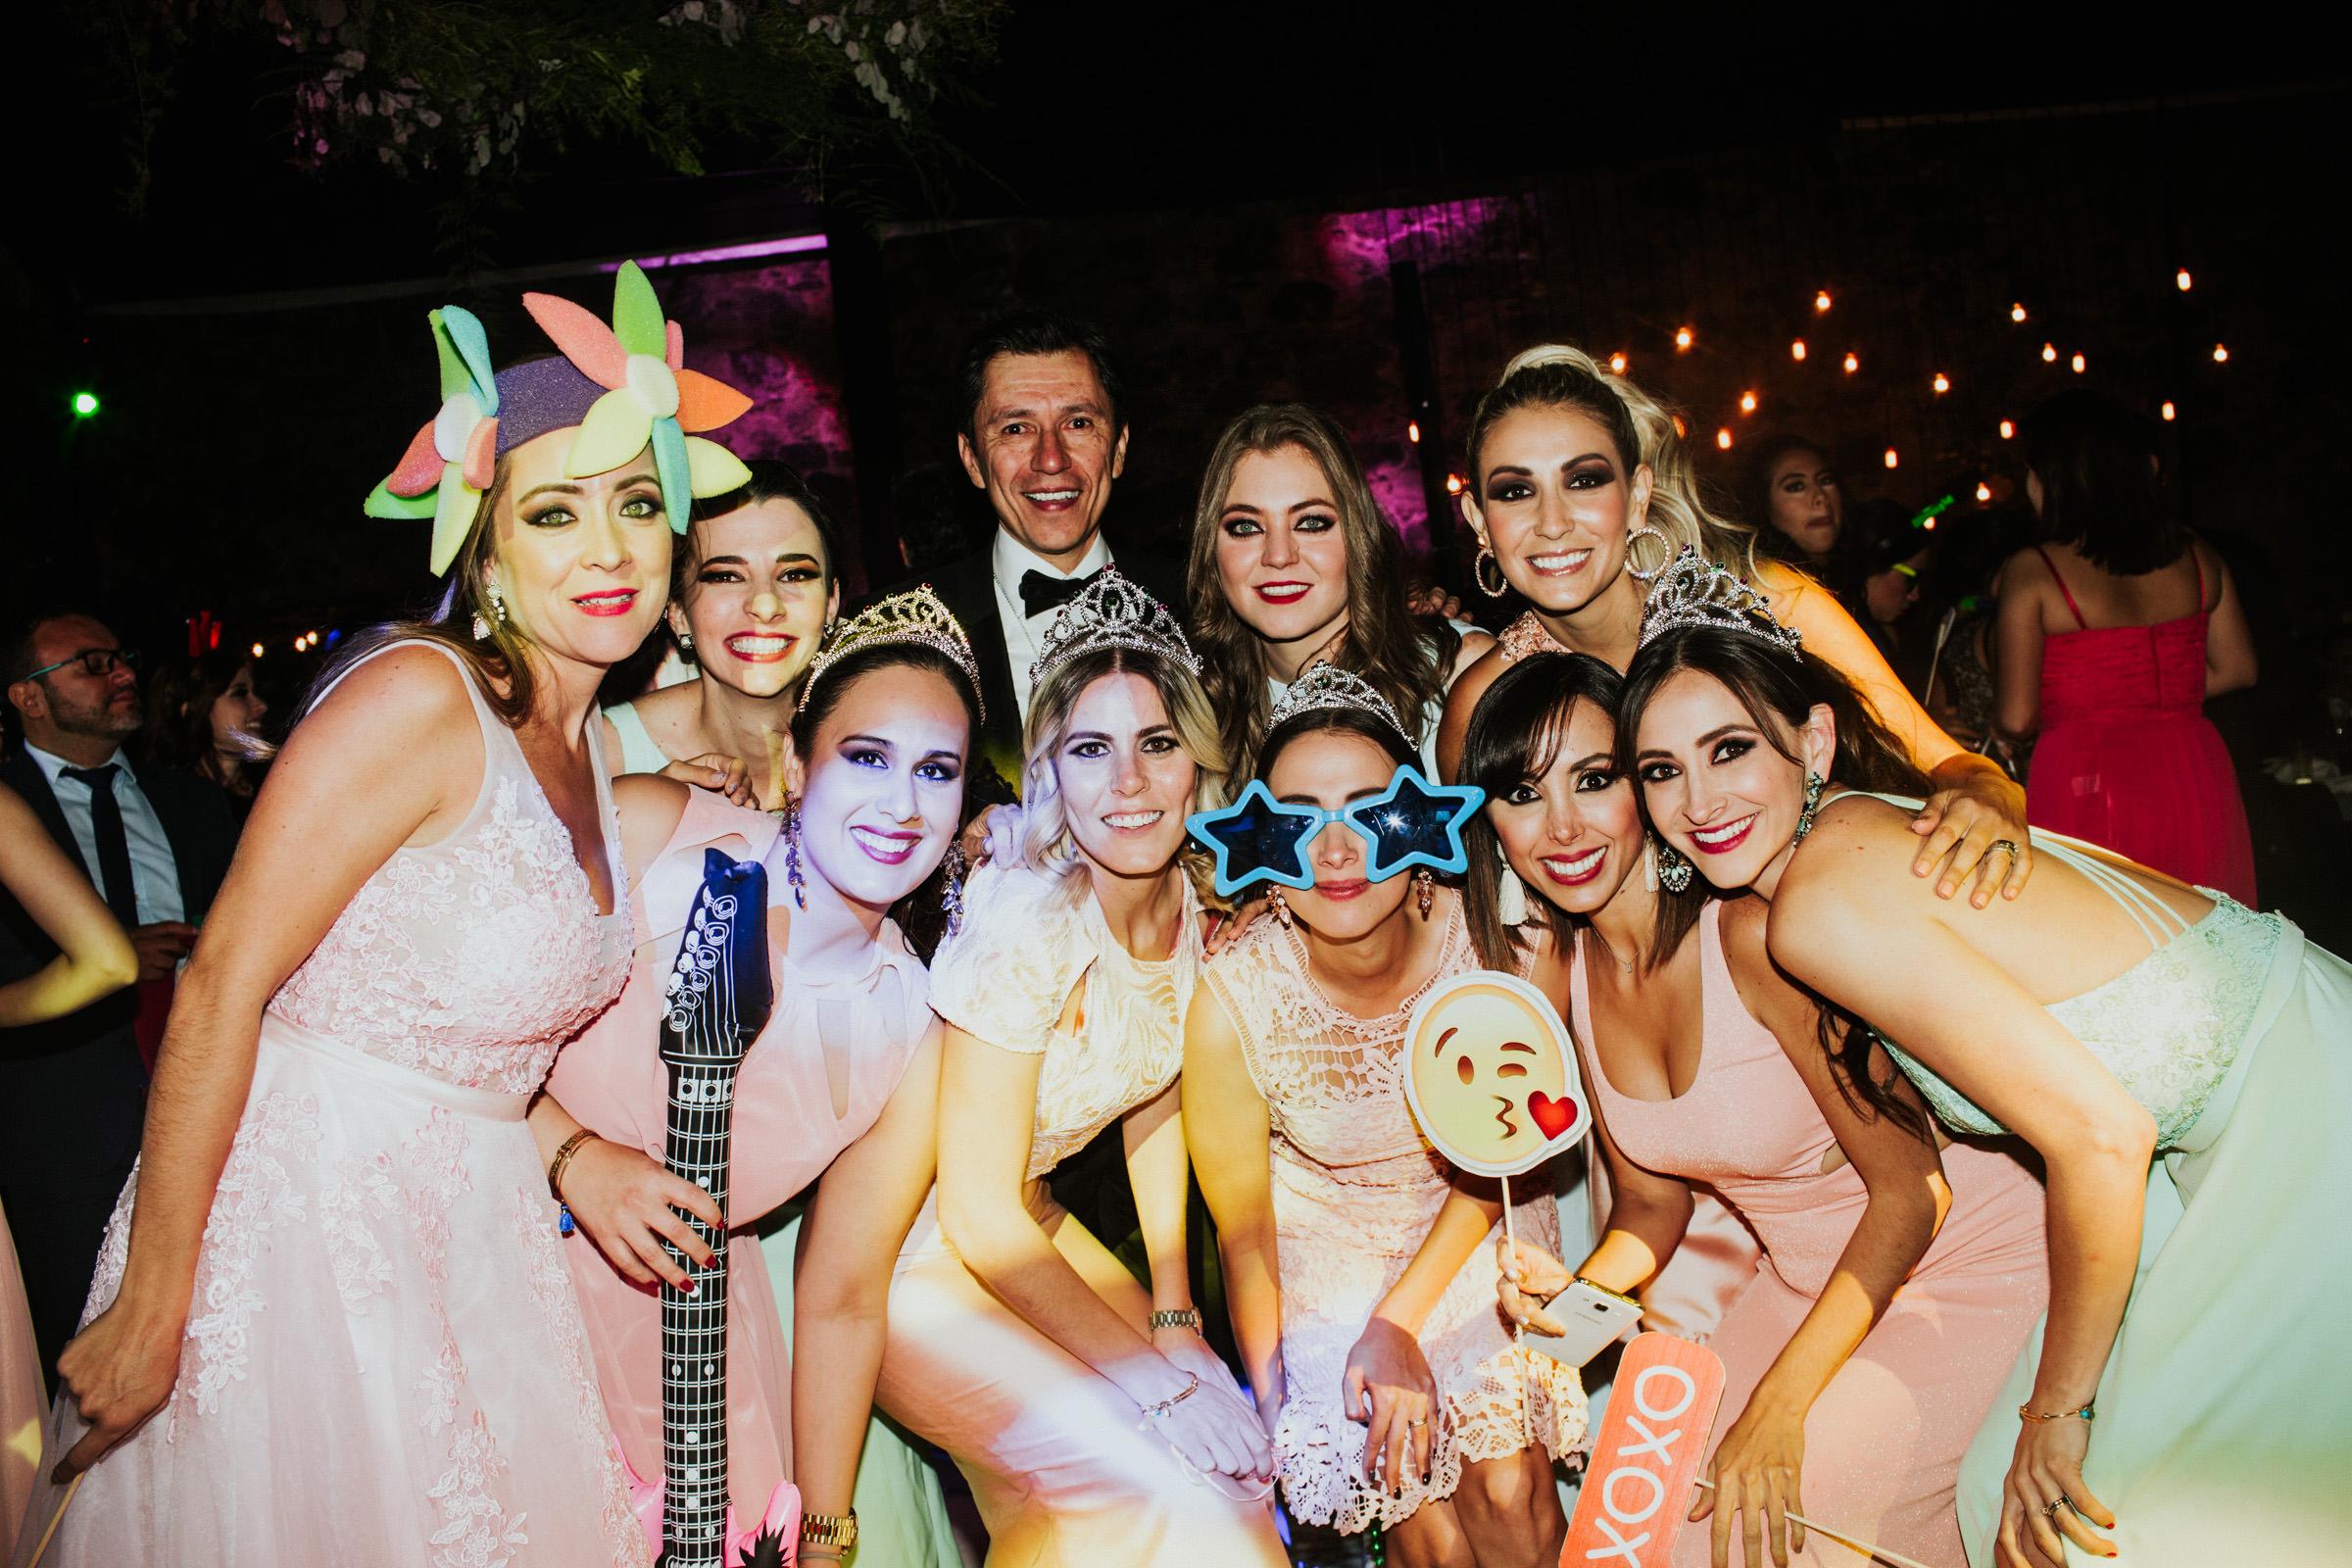 Boda-Guanajuato-Camino-de-Vinos-San-Miguel-Allende-Wedding-Fotografia-Paulina-Mauricio-Pierce0231.JPG